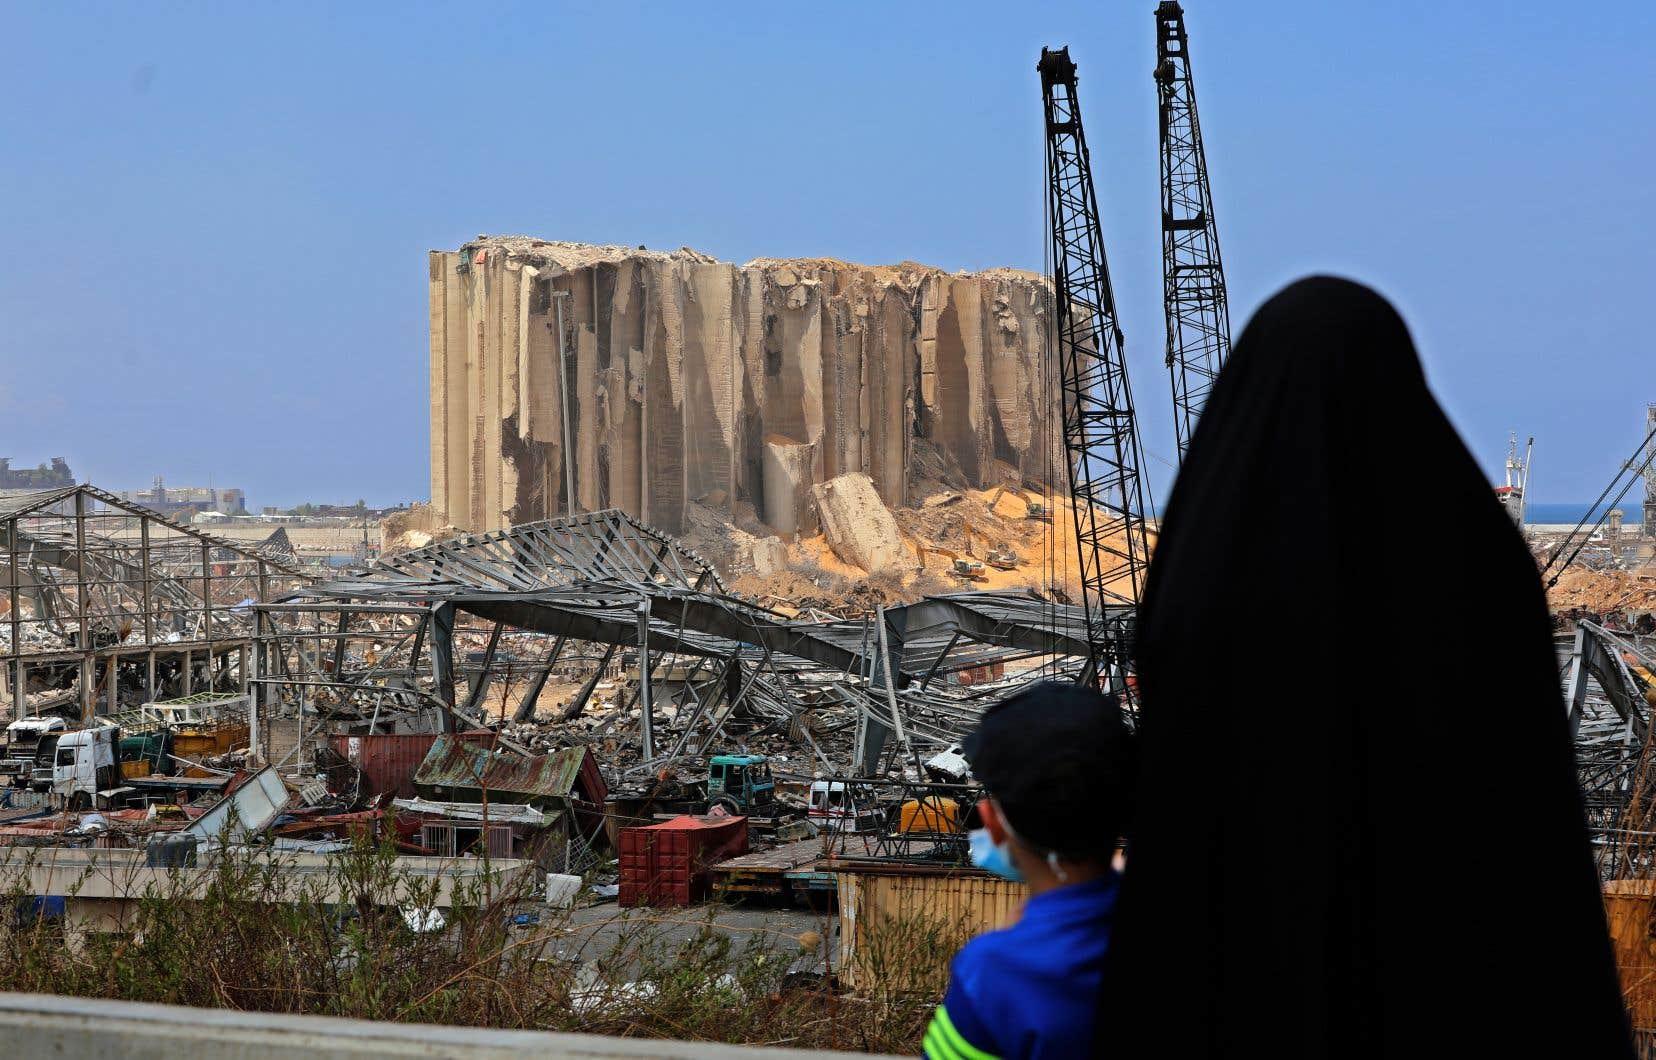 La déflagration a été provoquée le 4août par un incendie dans un entrepôt au port où avaient été stockées, selon les autorités, 2750 tonnes de nitrate d'ammonium depuis six ans.